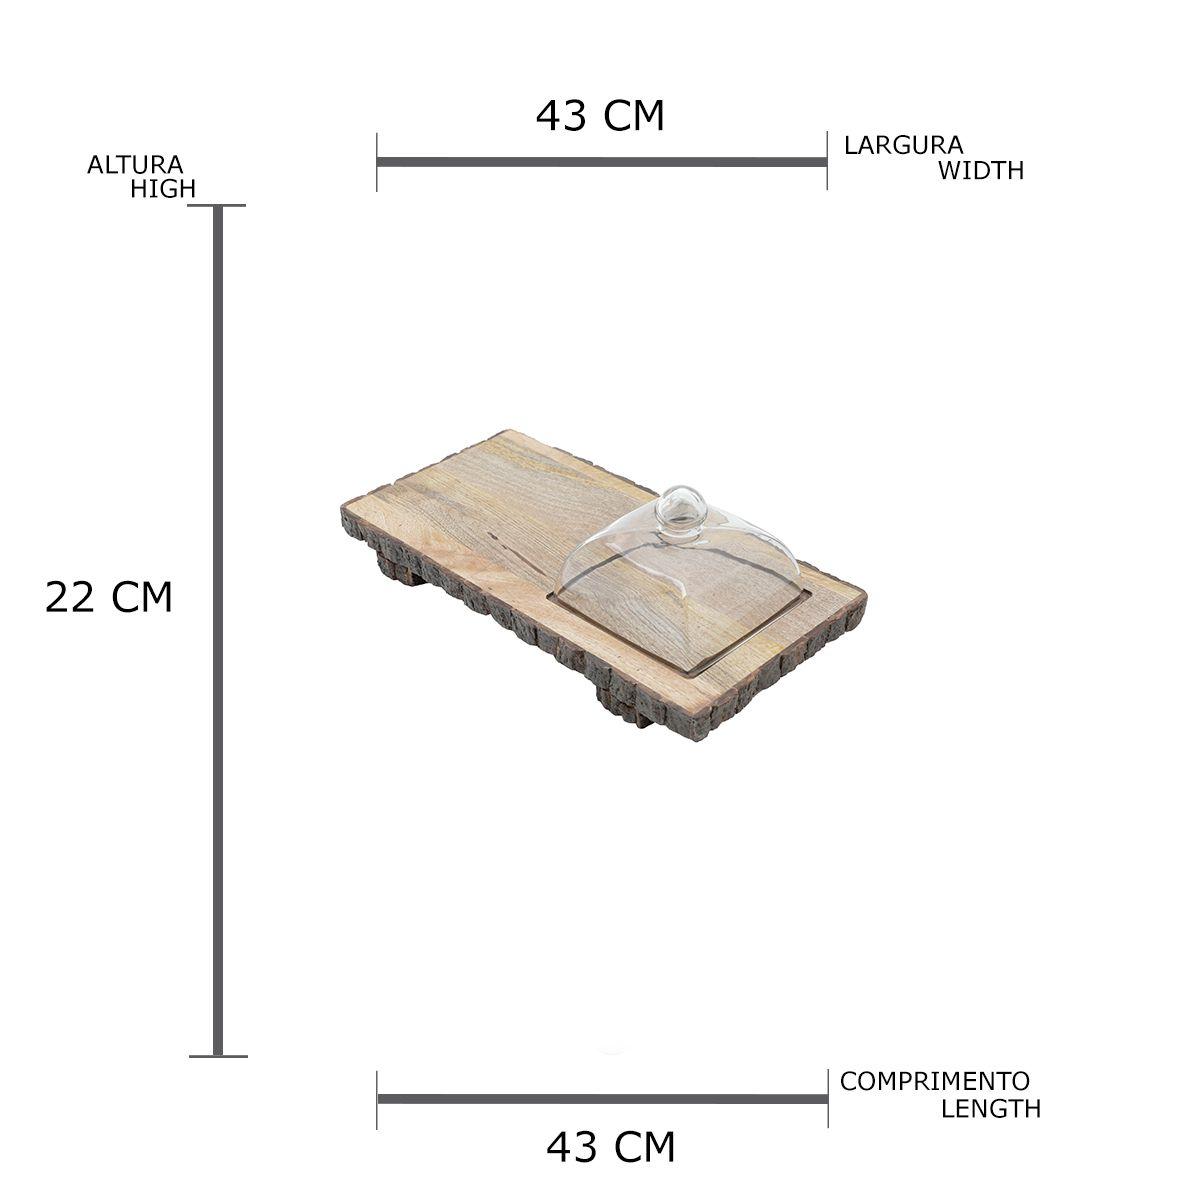 Bandeja Retangular De Madeira Para Servir com Tampa de Vidro 43x22cm